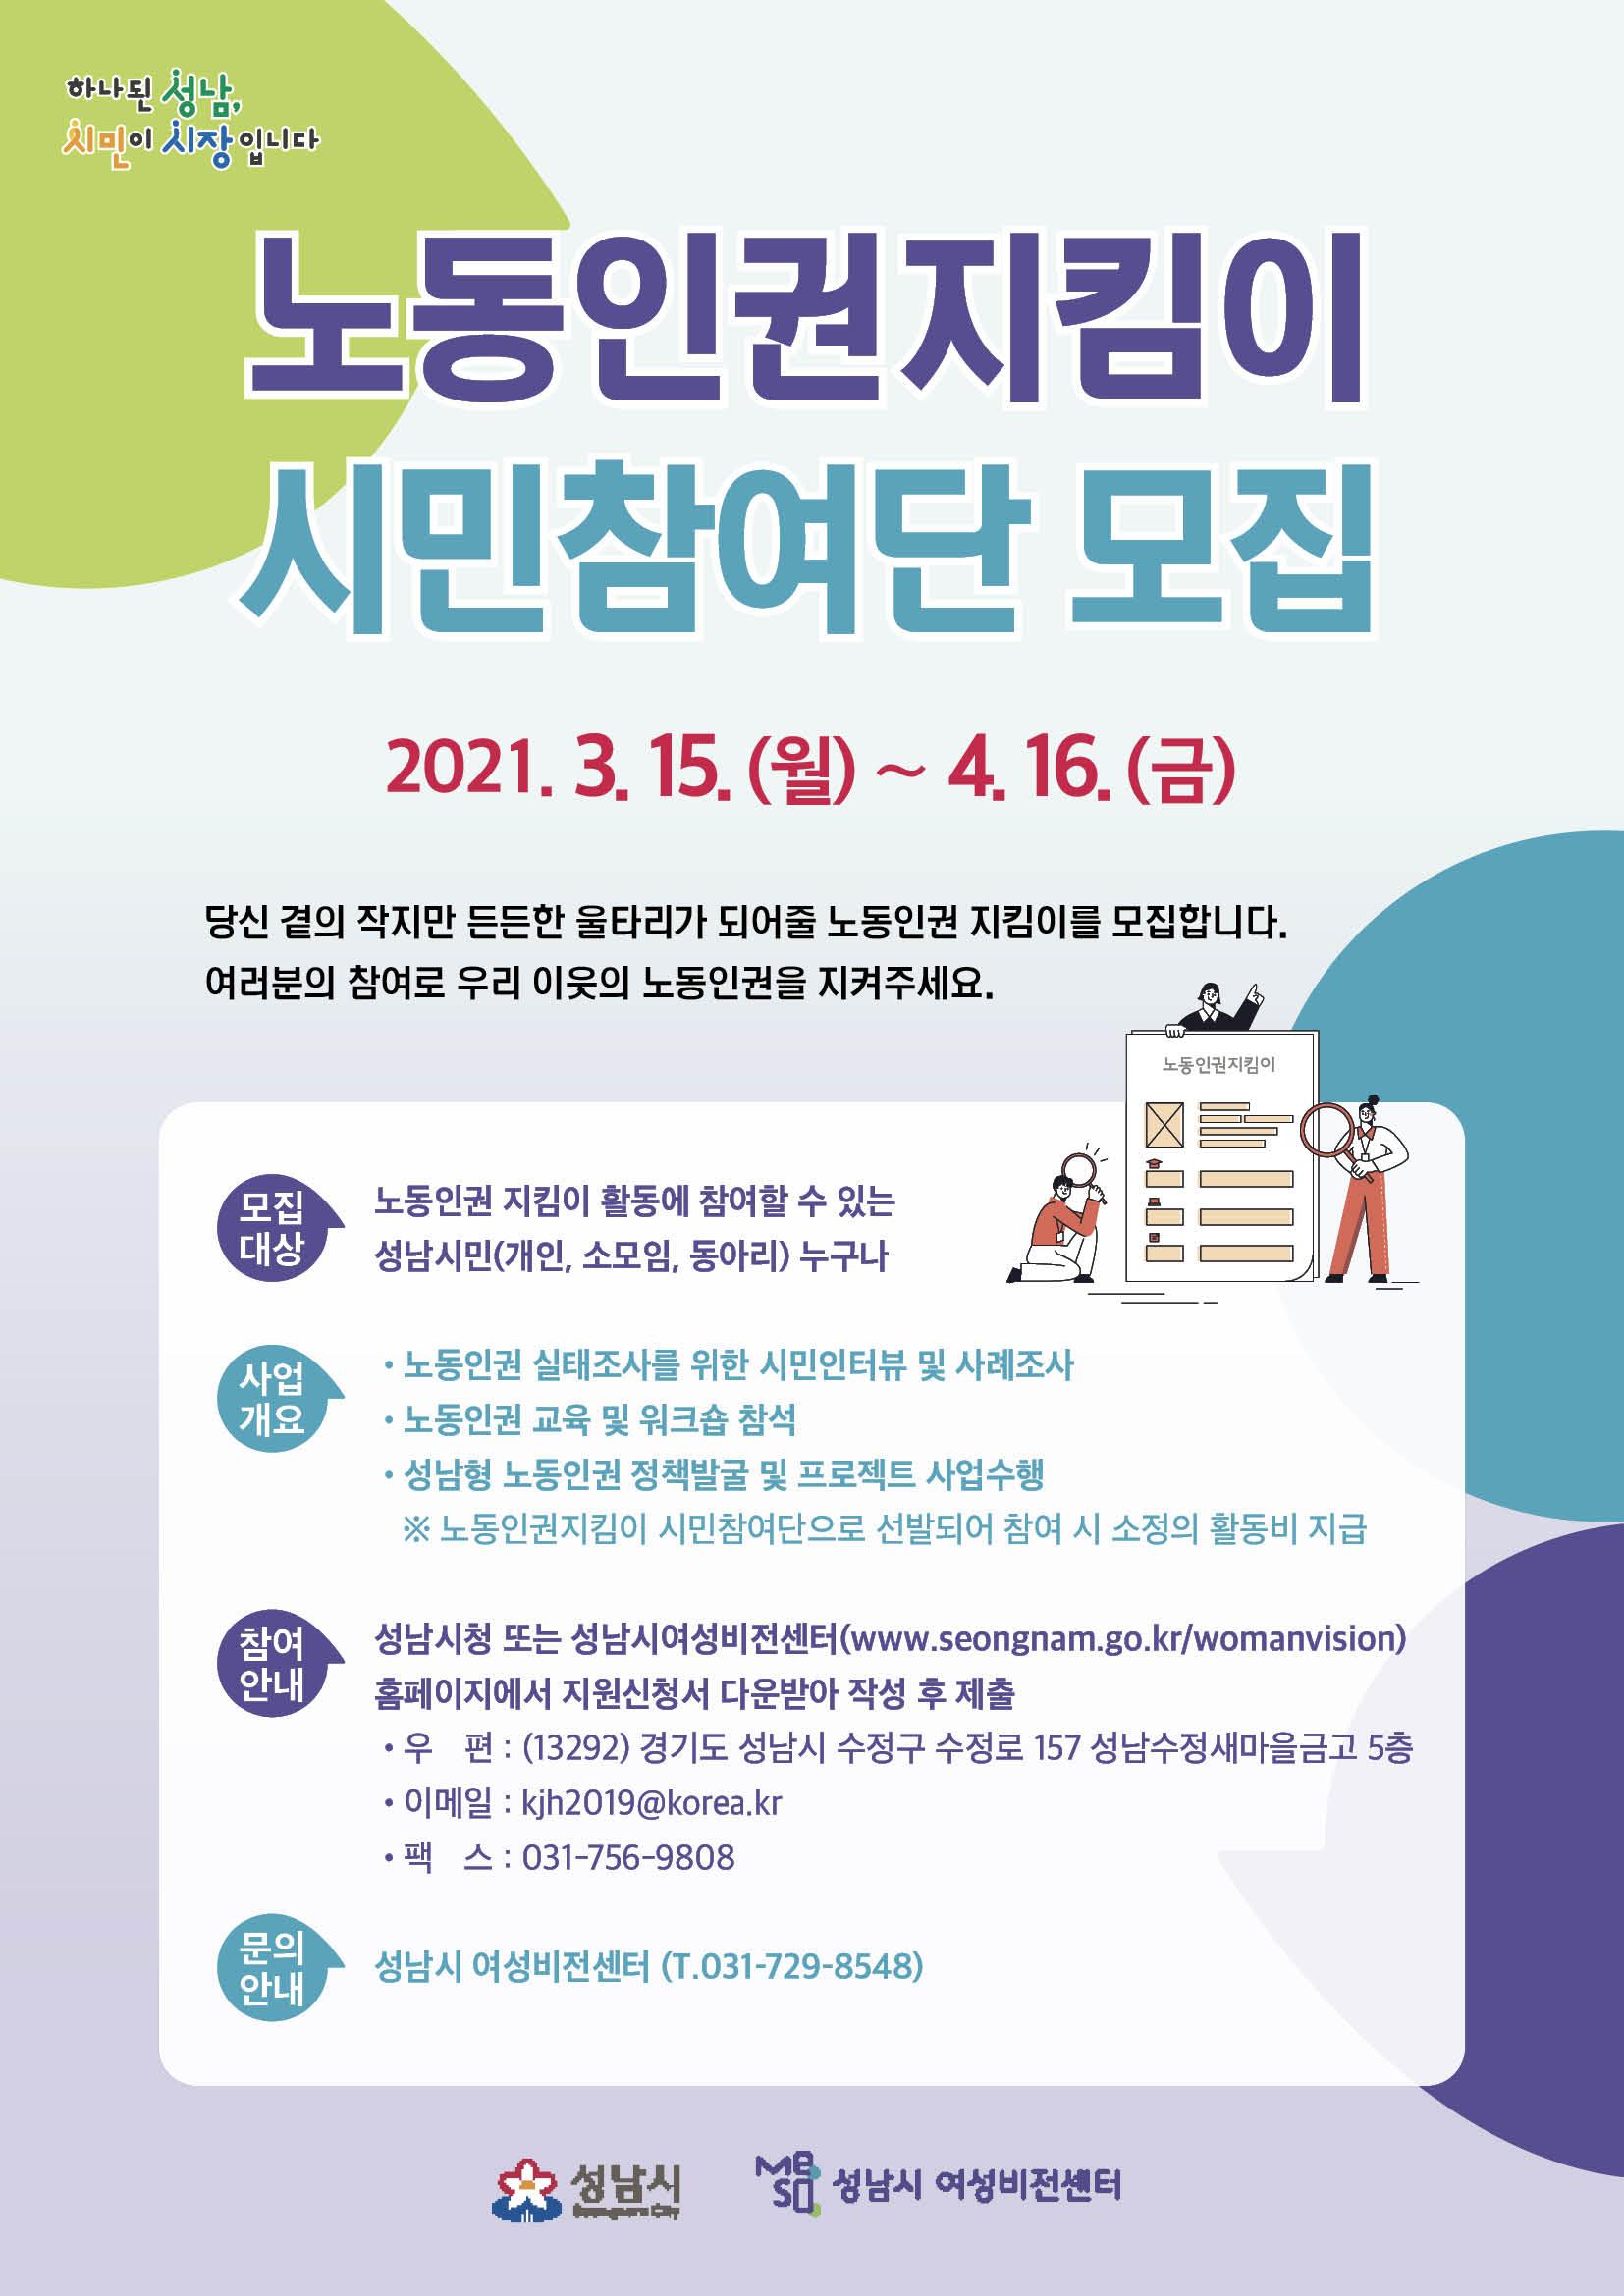 여성비전센터 노동인권지킴이 시민참여단 모집